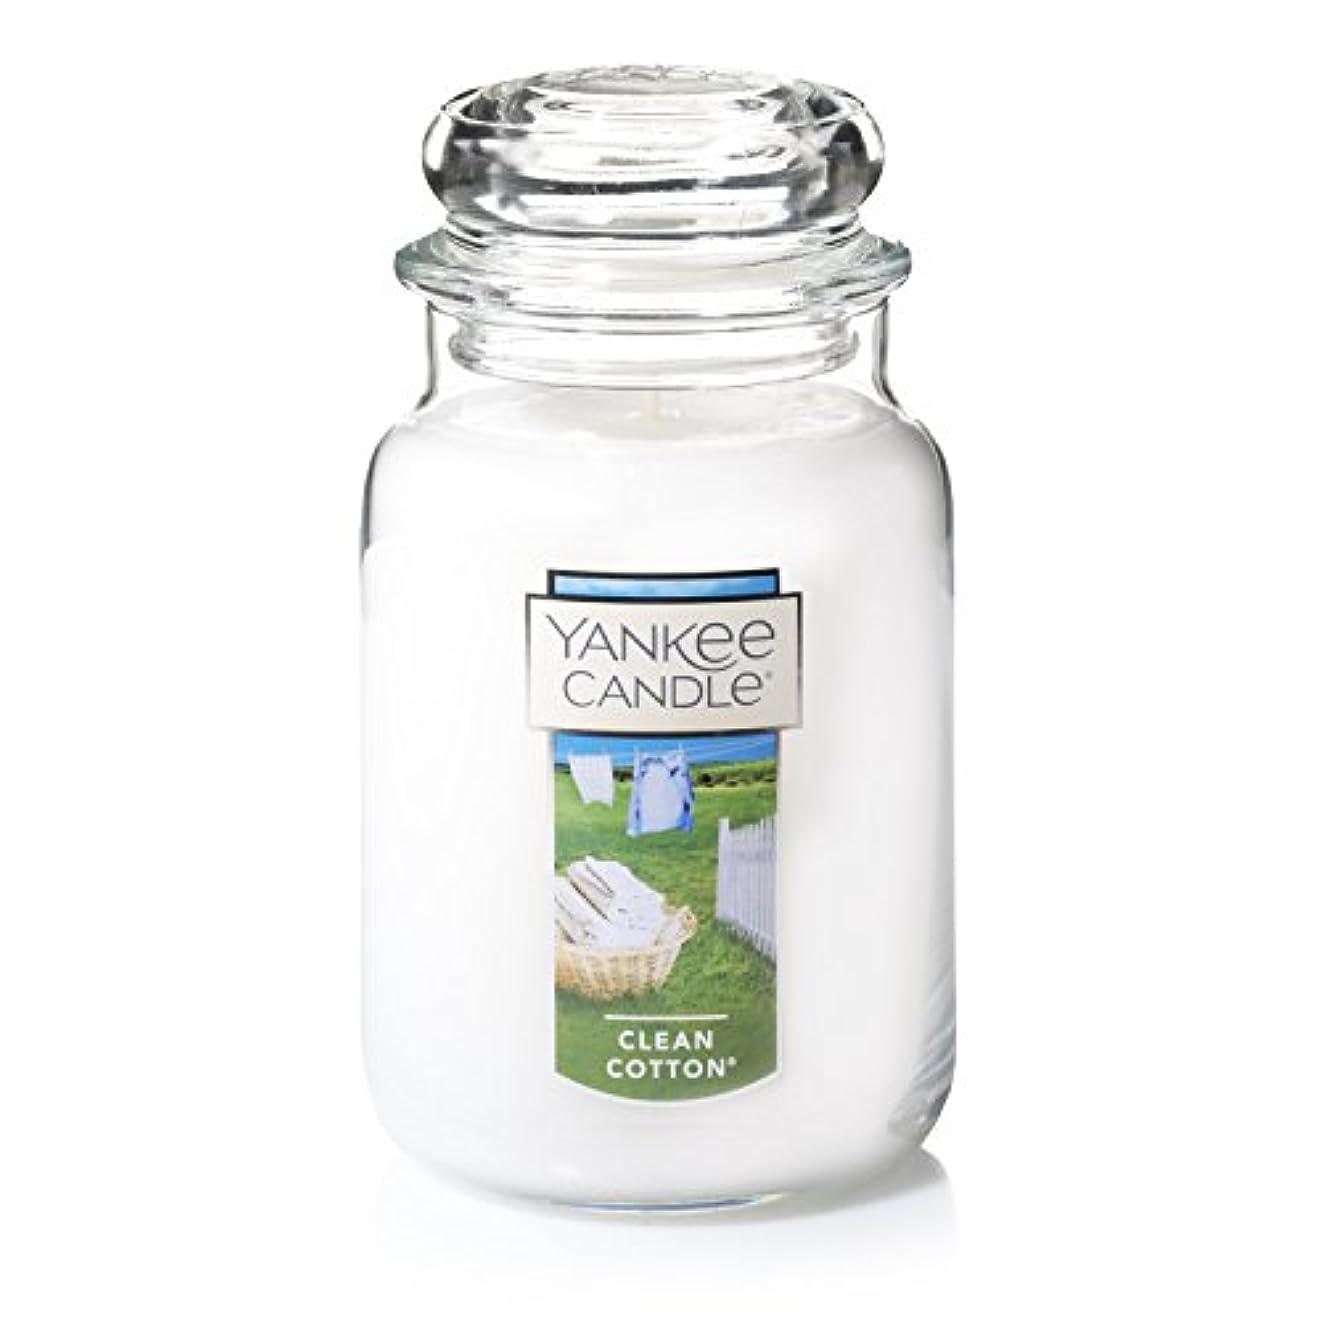 むしゃむしゃ浮く抗生物質Yankee Candles Clean Cotton 22oz (623.7g) Large Jar Housewarmer